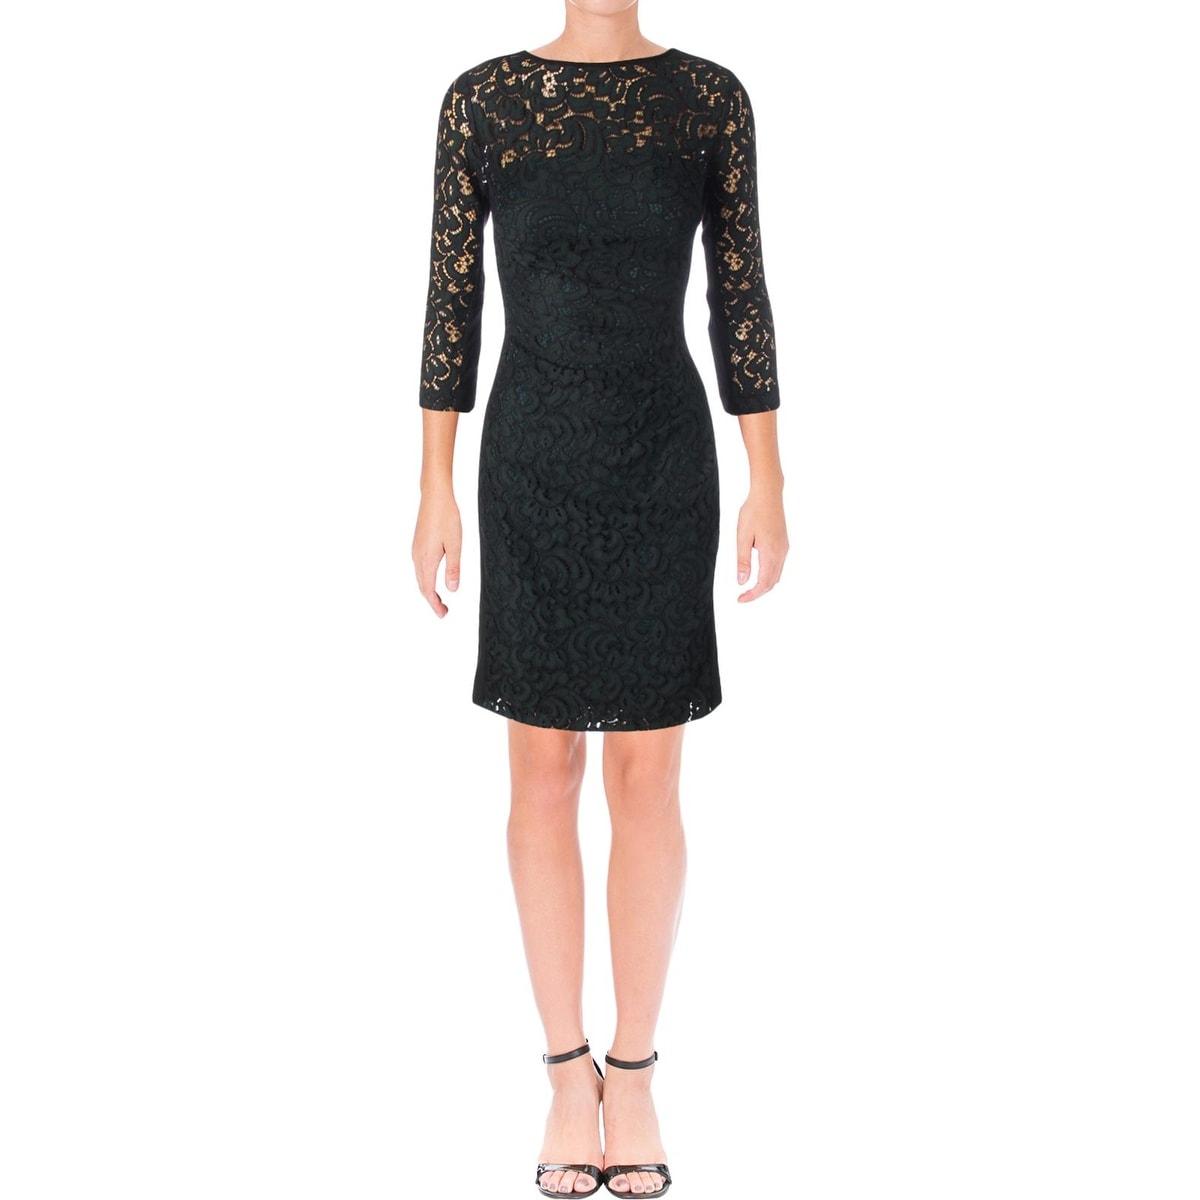 5b362668cb6 LAUREN Ralph Lauren Dresses